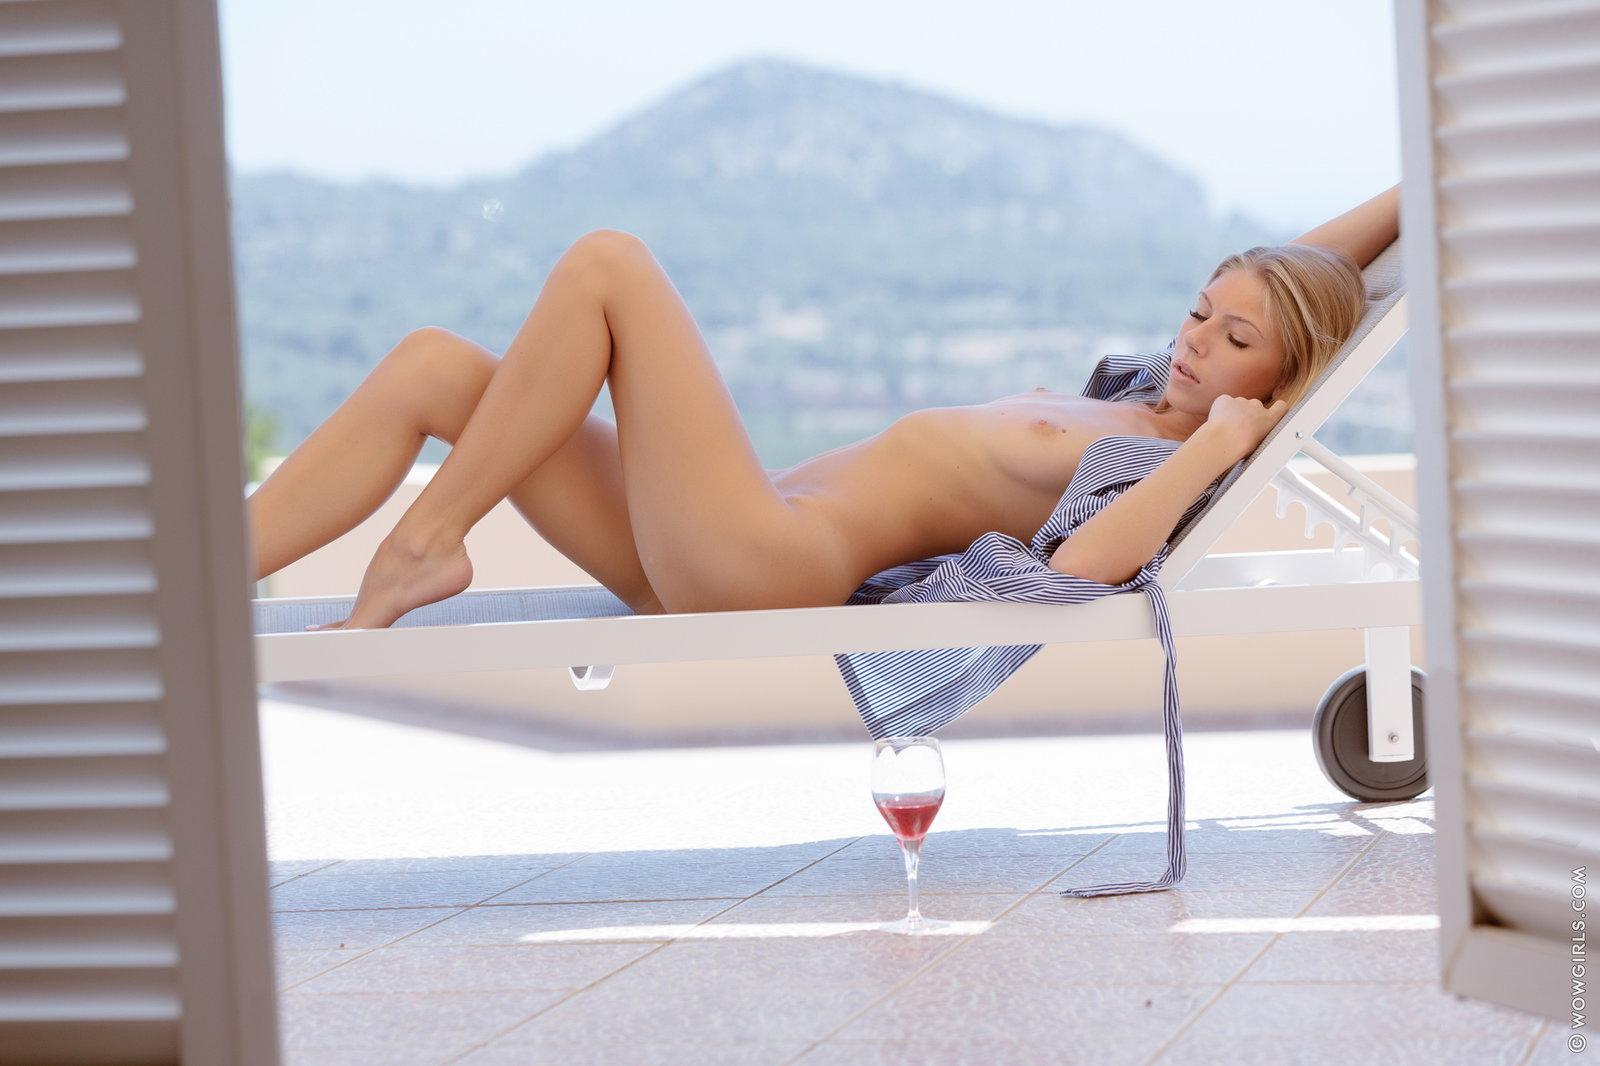 Zdjęcie porno - 042 - Zgrabna ślicznotka pije winko